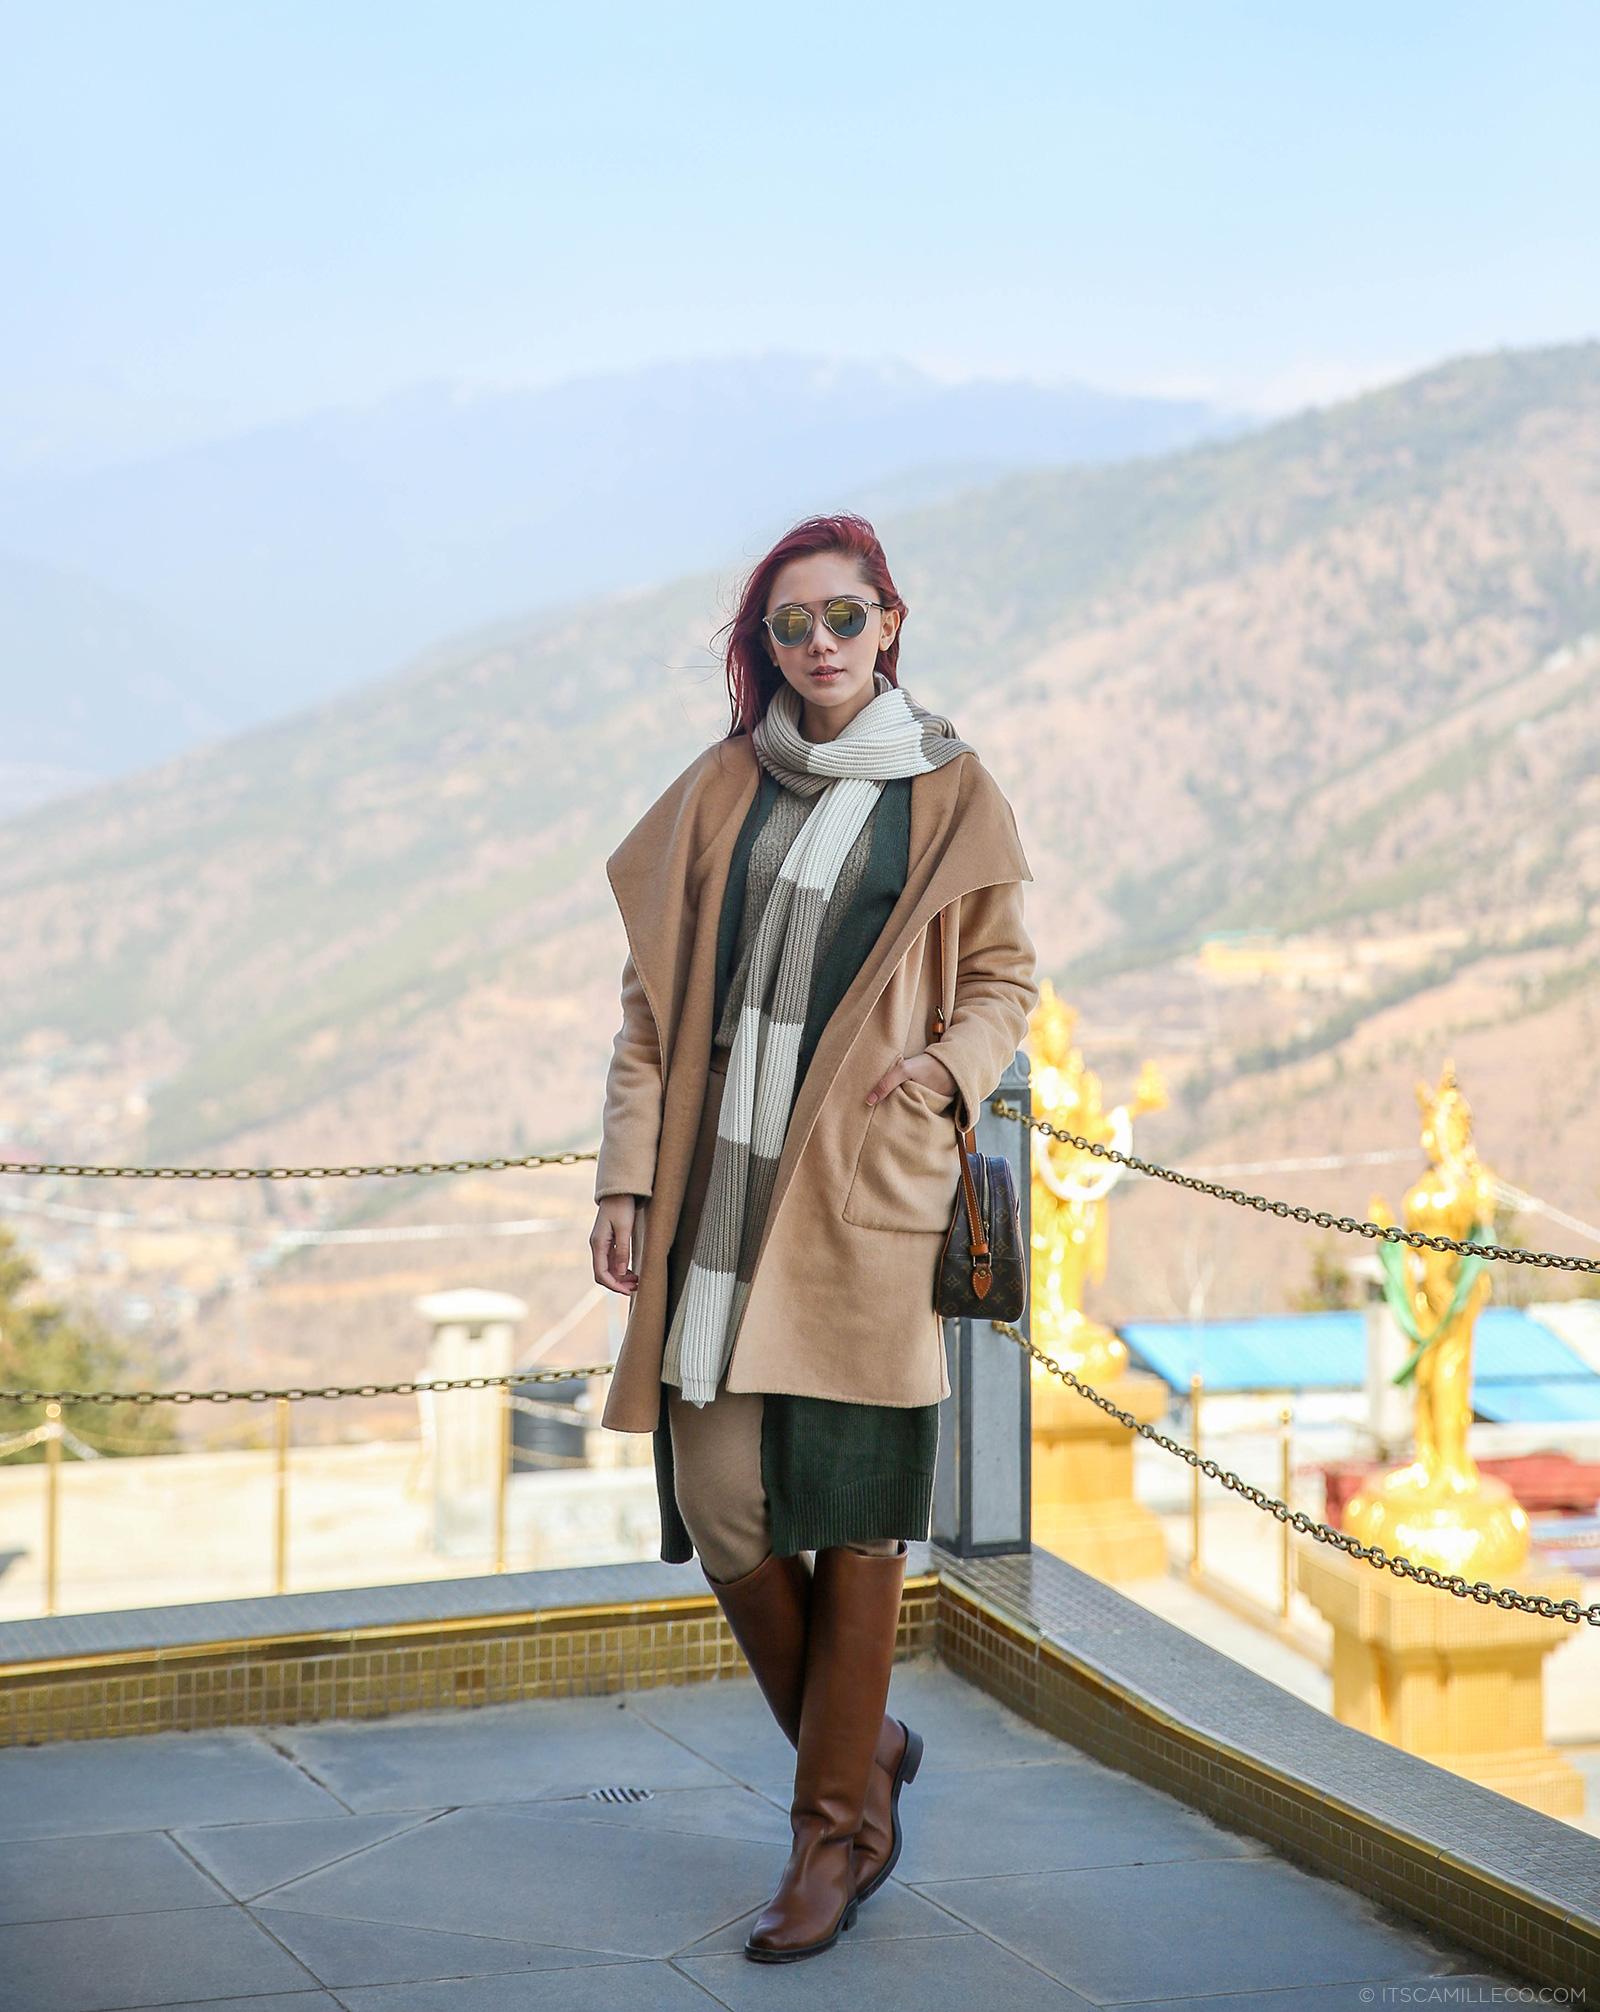 bhutan-itscamilleco.com38